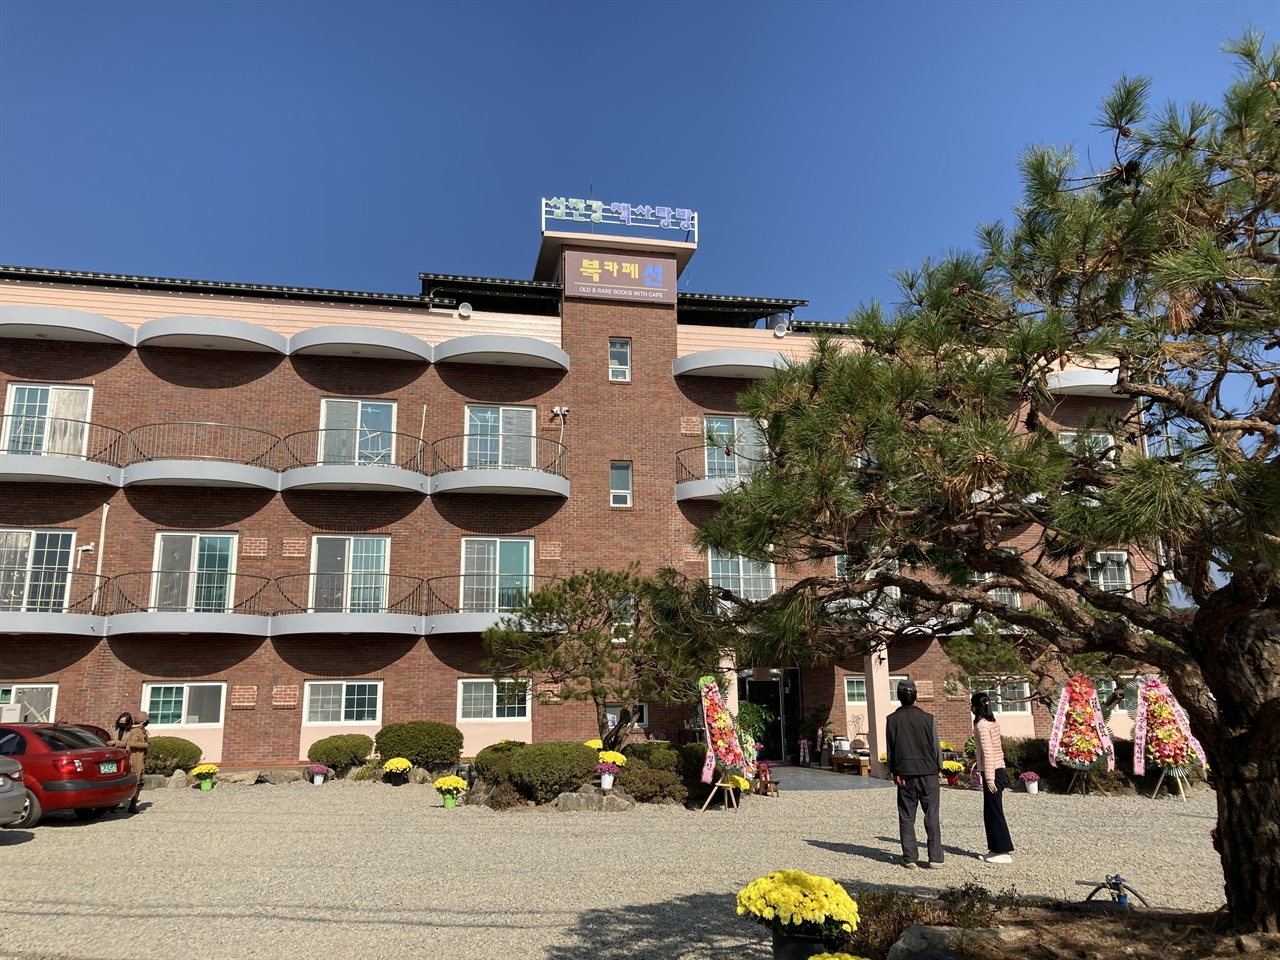 강변의 모텔을 리모델링한 <섬진강 책사랑방> 김종훈 대표는 강변의 모텔을 리모델링해 책방을 열었다.